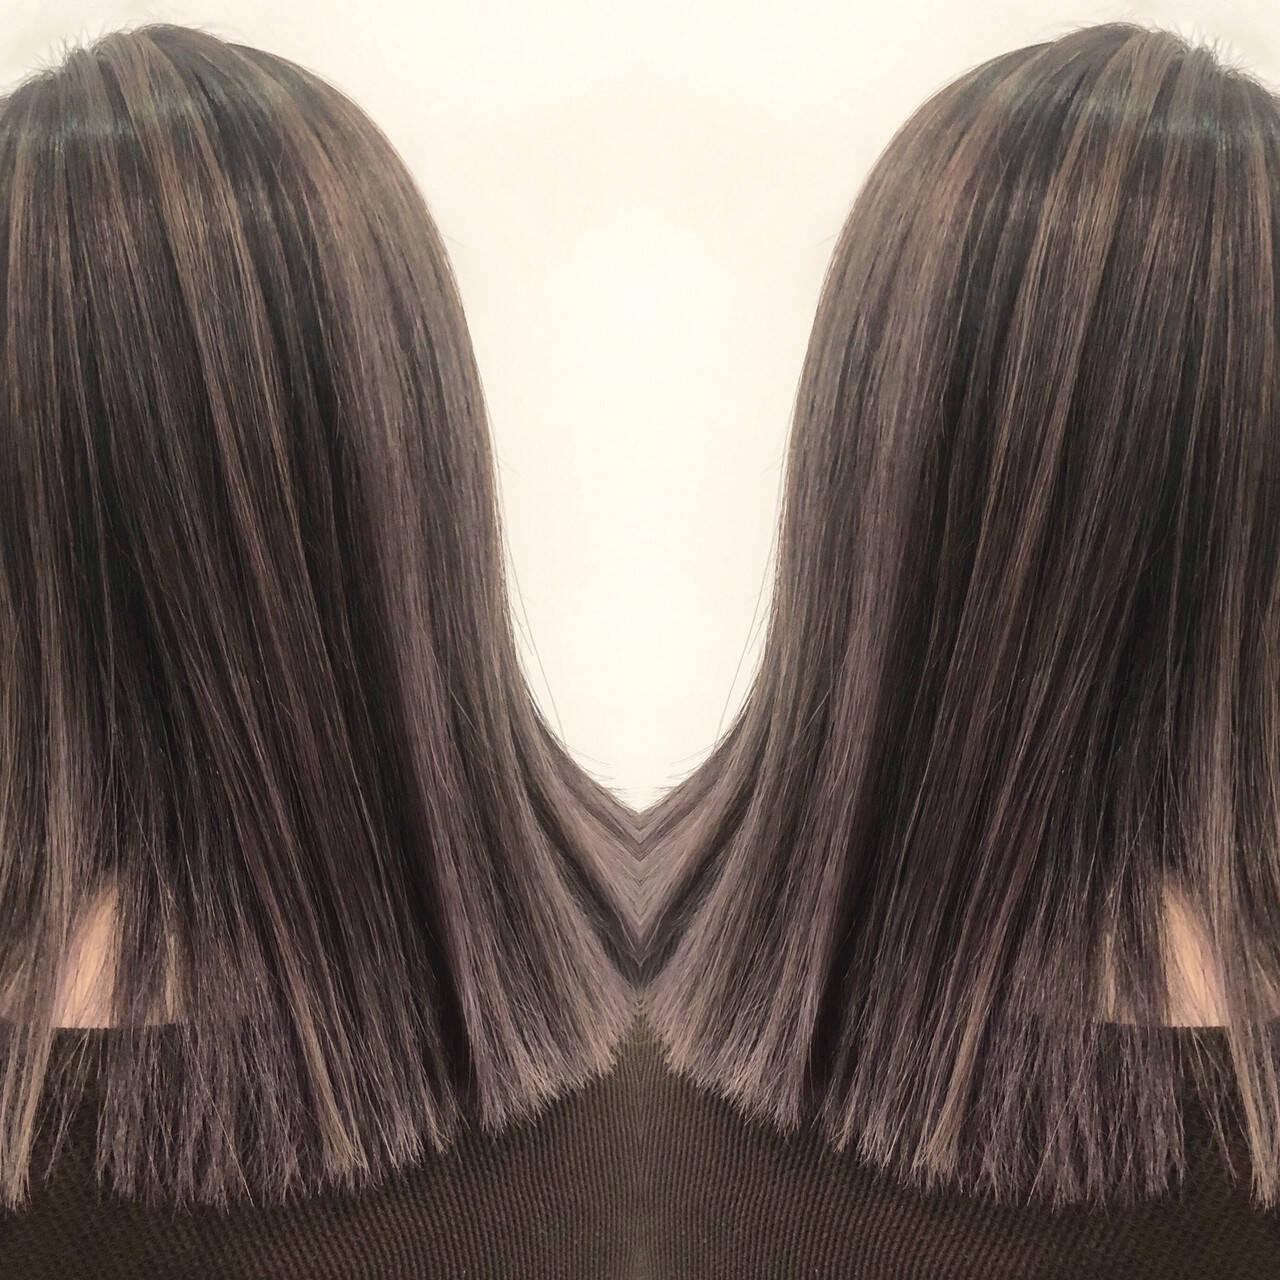 グラデーションカラー バレイヤージュ ナチュラル ハイライトヘアスタイルや髪型の写真・画像